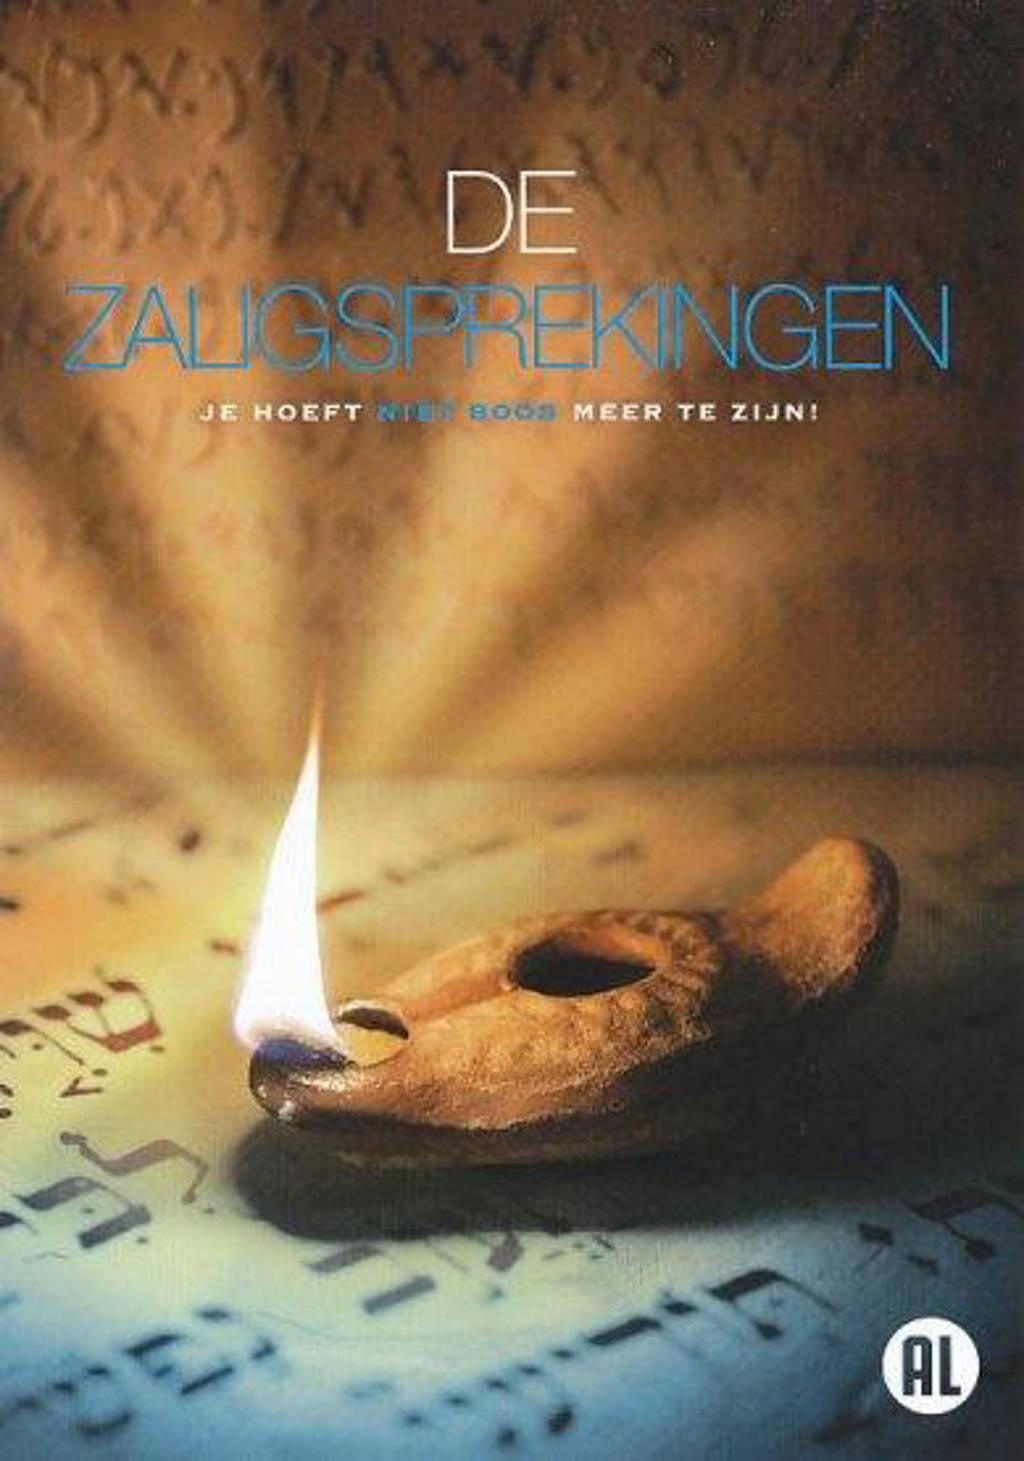 Zaligsprekingen (DVD)